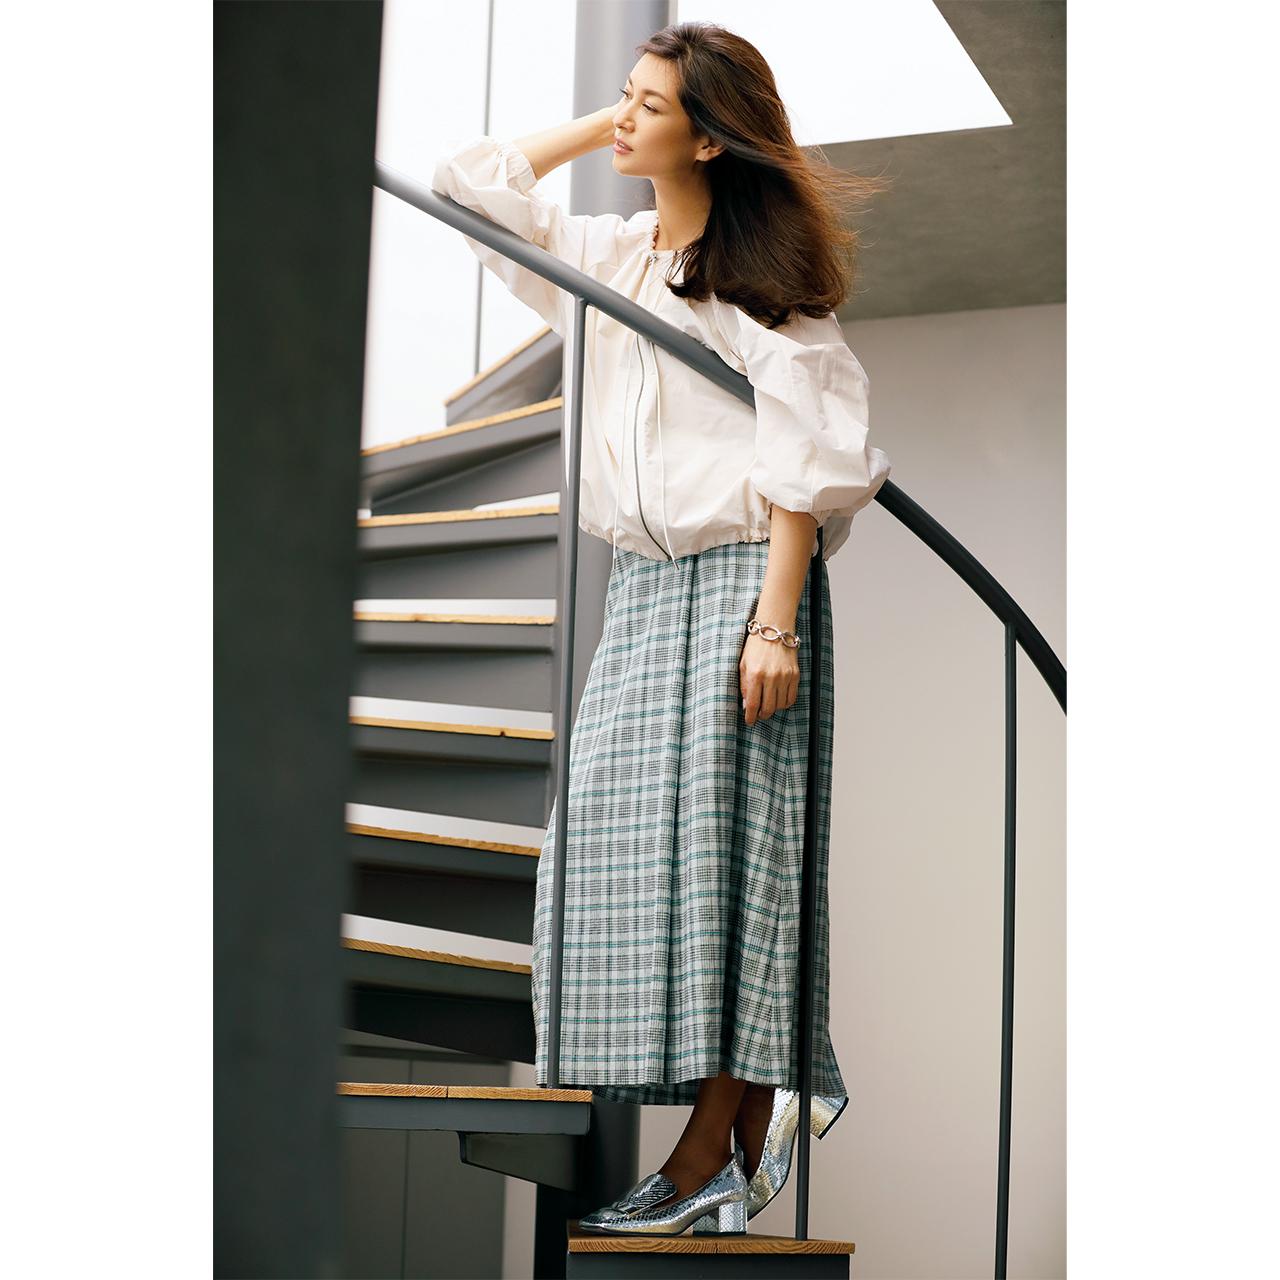 ブルゾン×スカート×チャンキーヒールパンプスコーデを着用したモデルのブレンダ